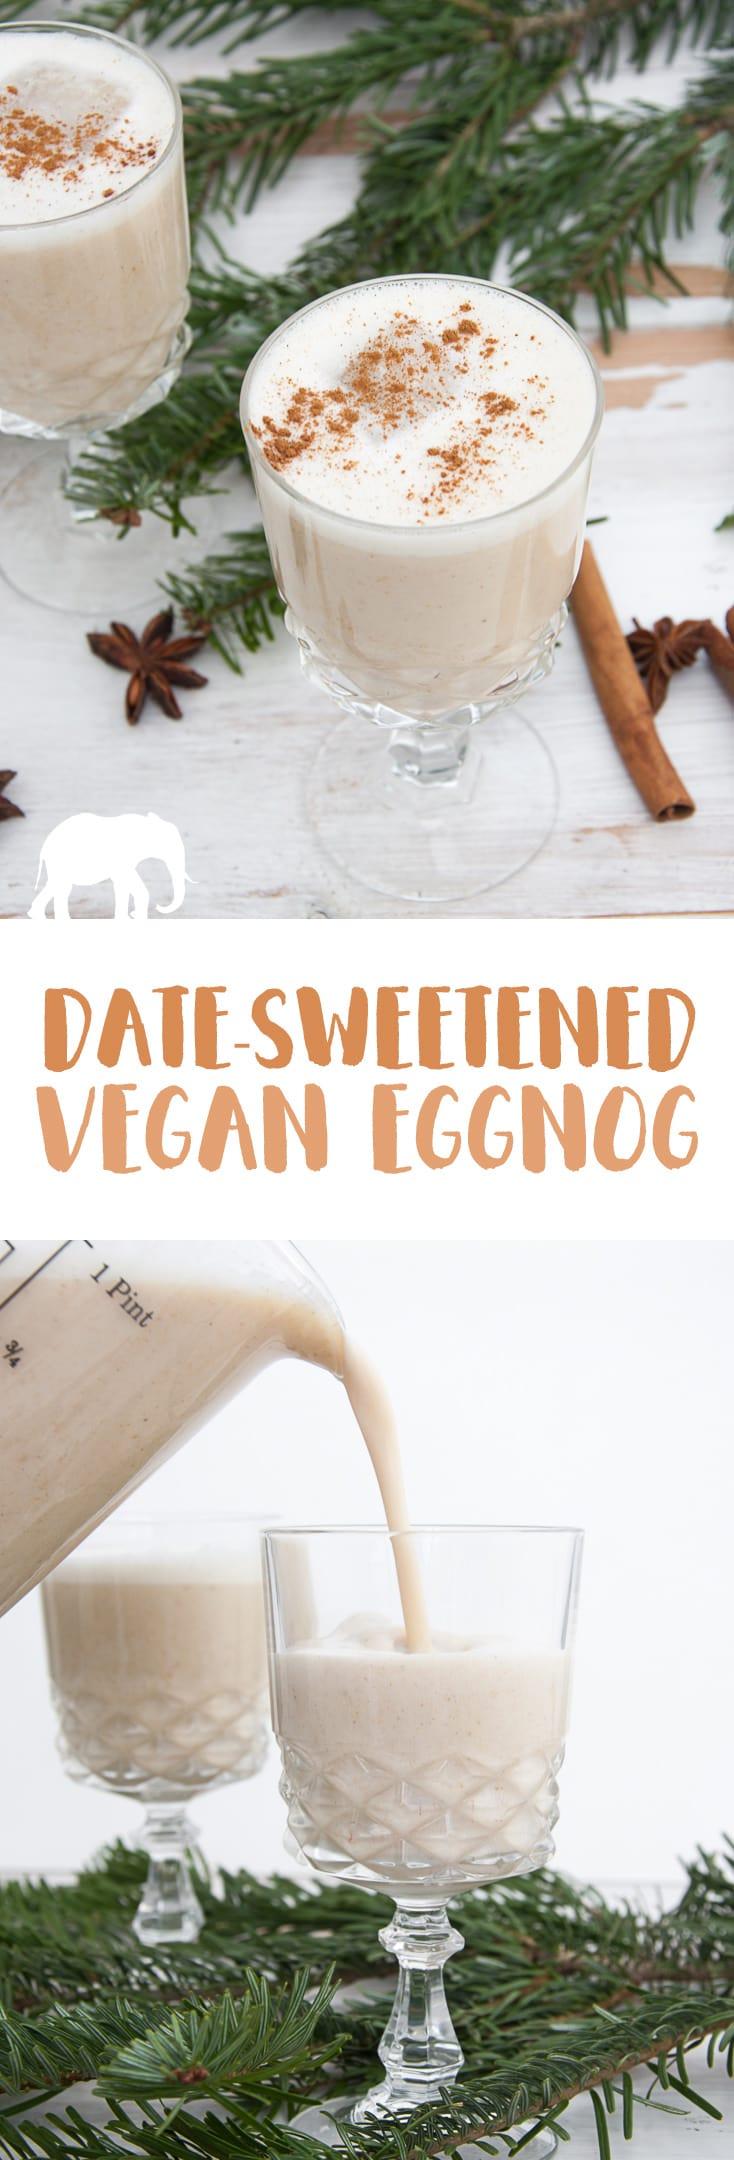 Date-Sweetened Vegan Eggnog #vegan #christmas #eggnog | ElephantasticVegan.com